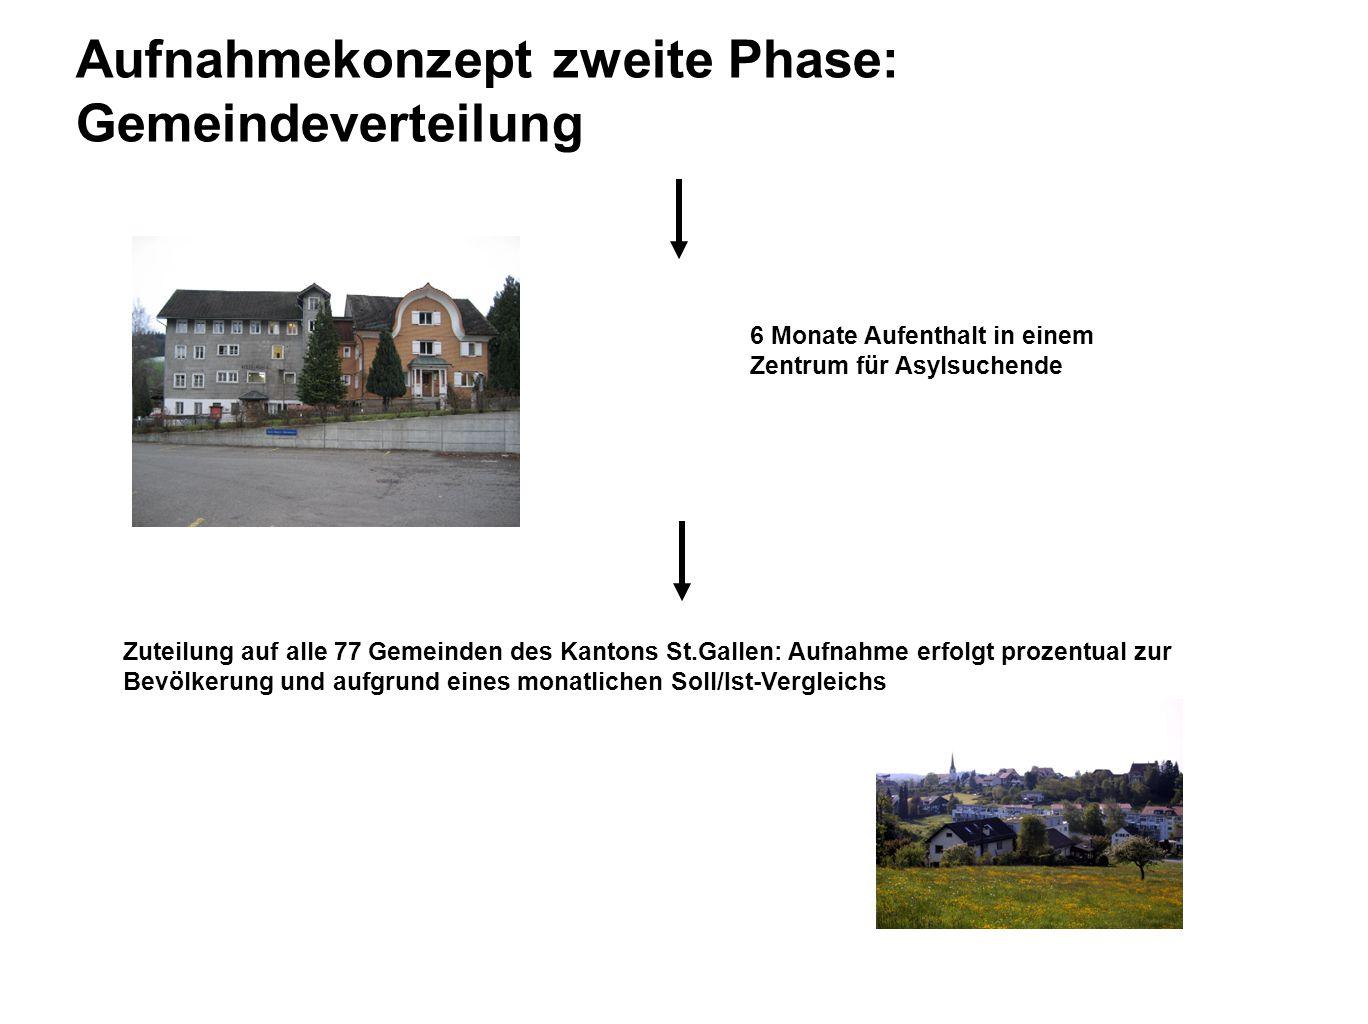 Aufnahmekonzept zweite Phase: Gemeindeverteilung Zuteilung auf alle 77 Gemeinden des Kantons St.Gallen: Aufnahme erfolgt prozentual zur Bevölkerung un